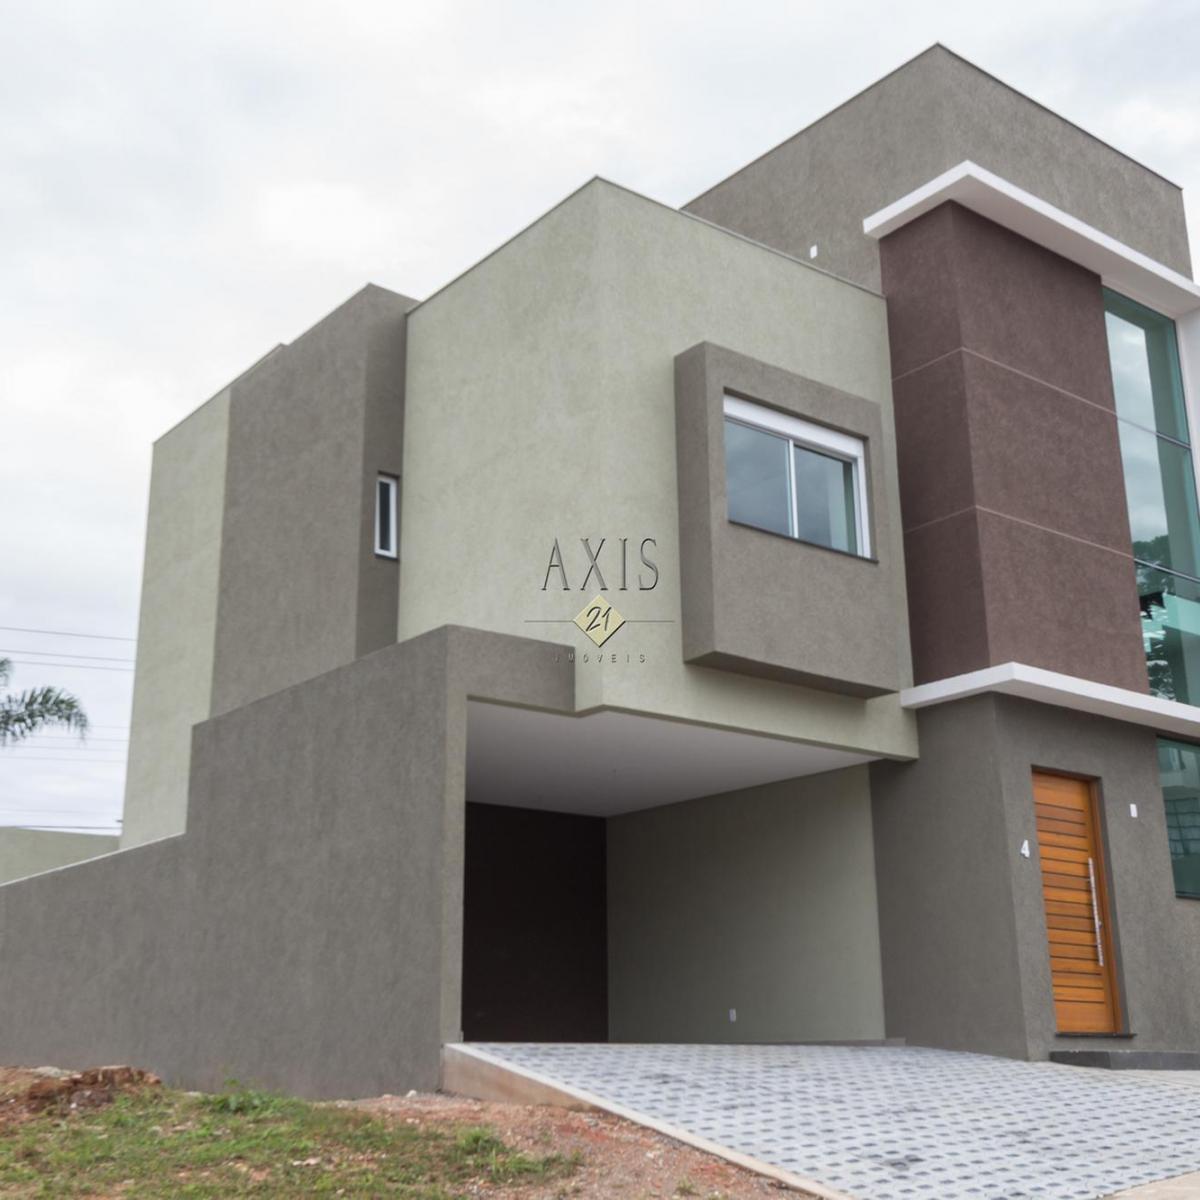 Imagens de #7F5E4C  /174139/51694500 casa em condominio curitiba boa vista marcadagua.jpg 1200x1200 px 3060 Box Banheiro Boa Vista Curitiba